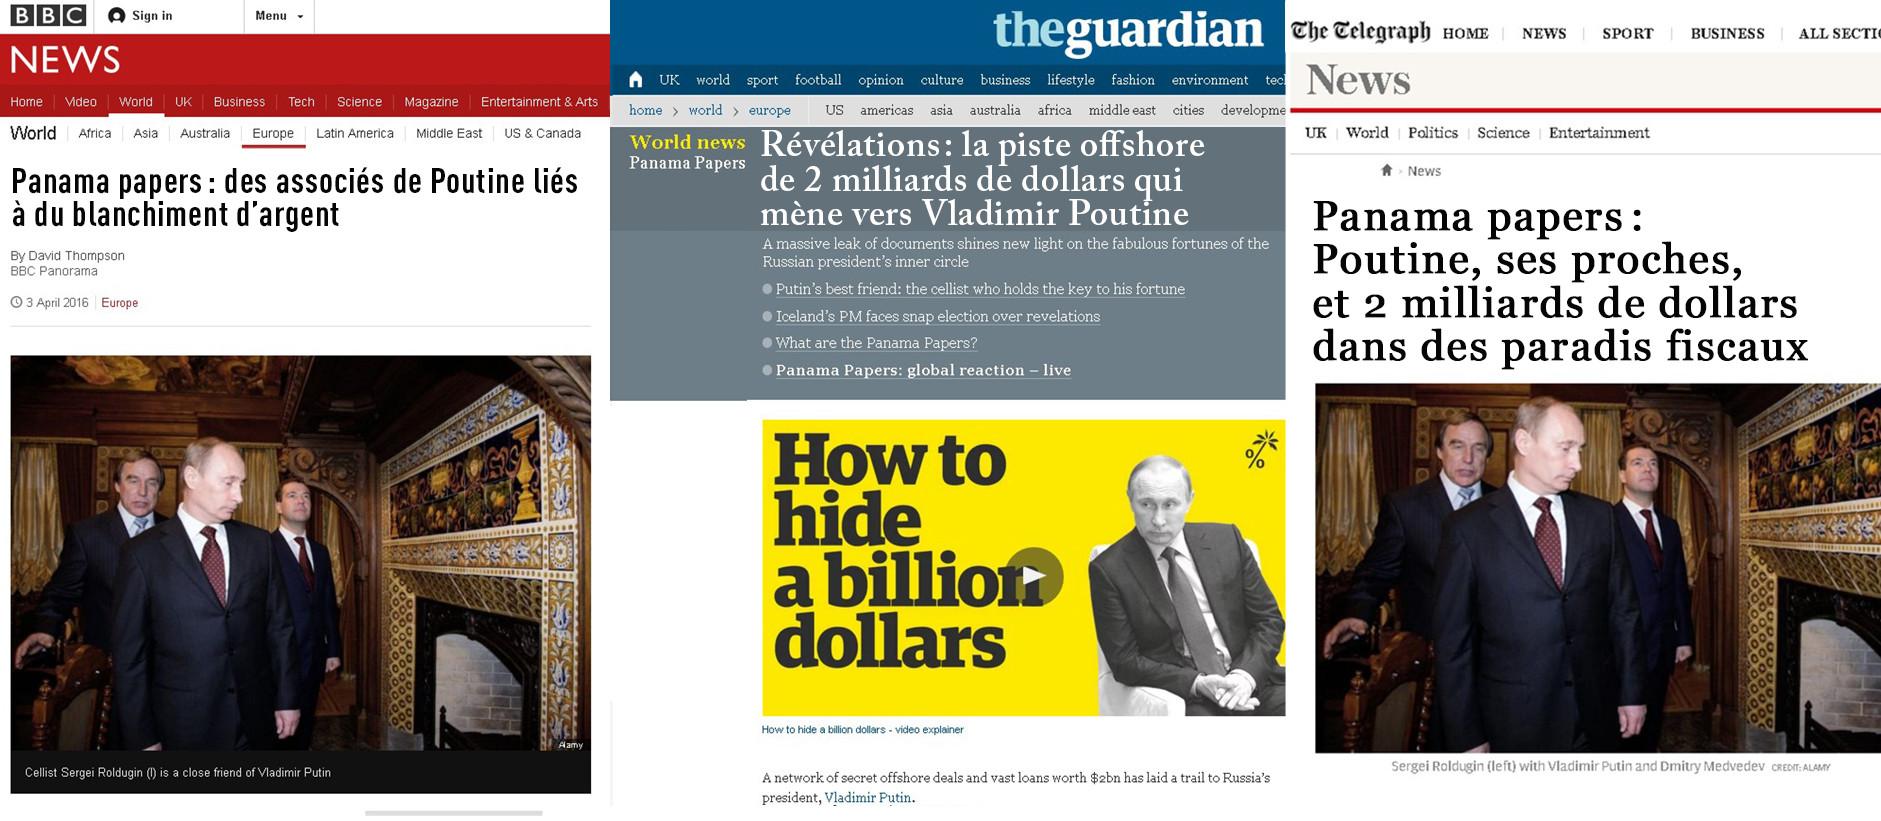 Le père de Cameron impliqué dans un scandale fiscal, les médias anglais se focalisent sur Poutine